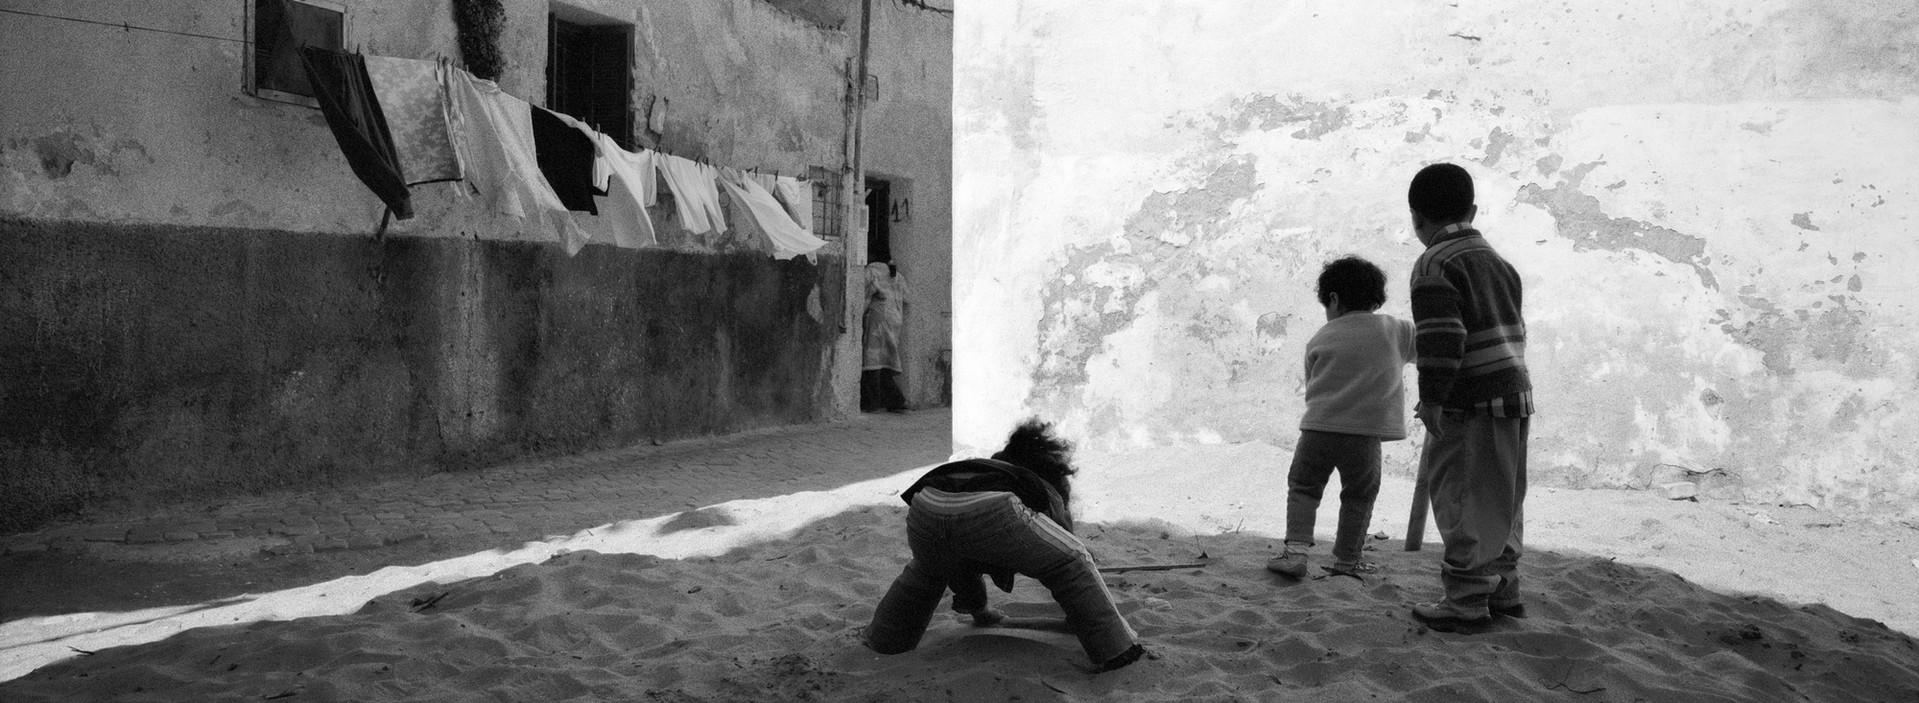 Shadow Play, El Jadida, Marocco 2007